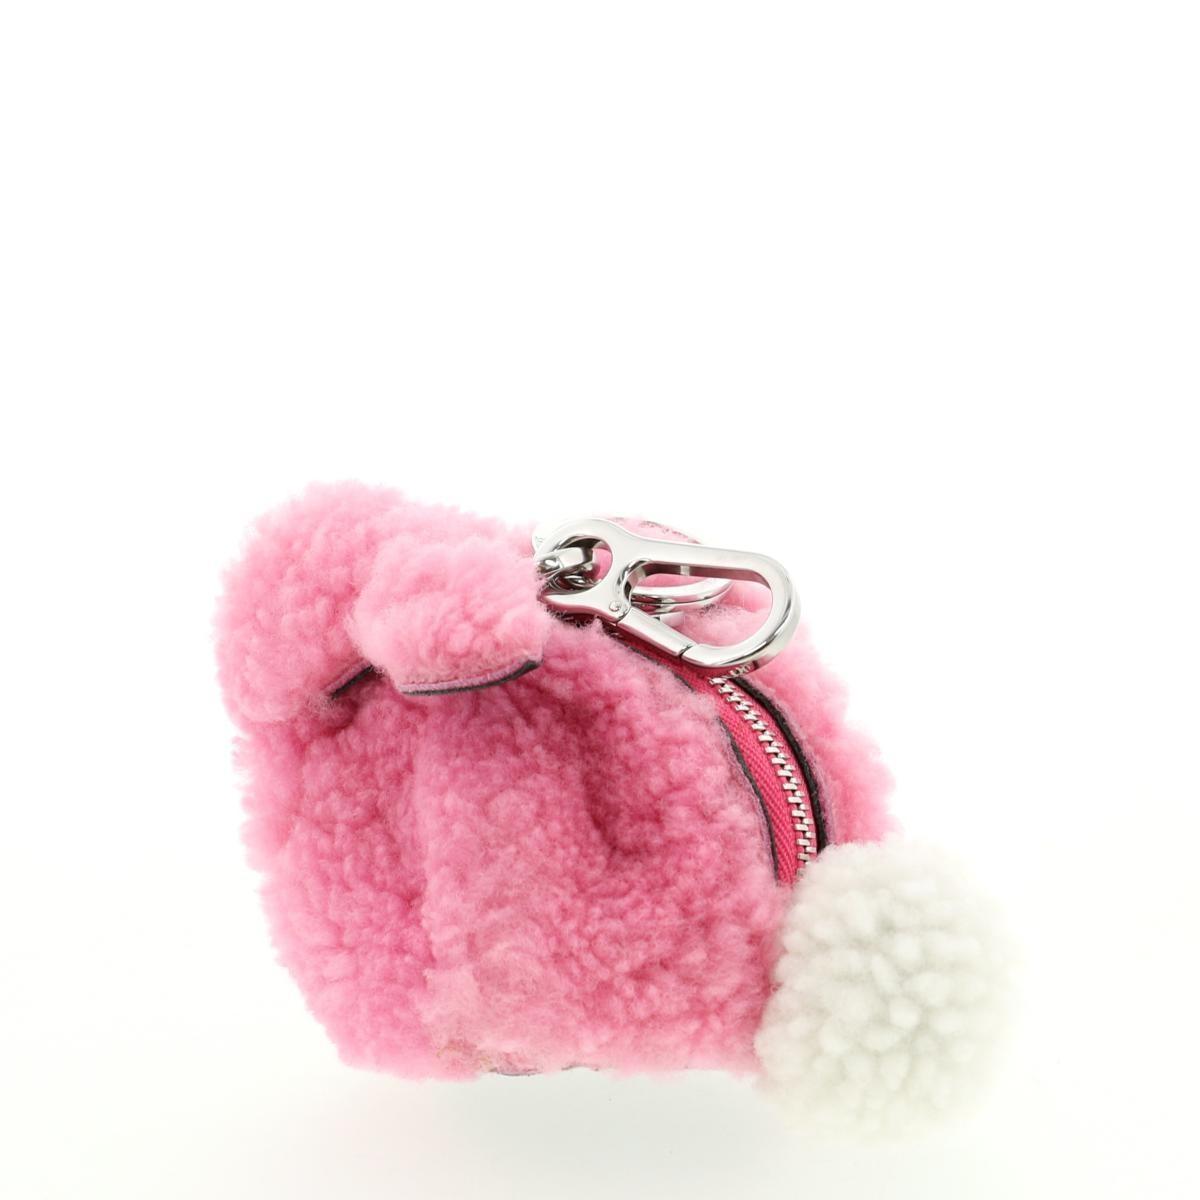 【最終処分セール】【美品】【中古】LOEWE (ロエベ) バニー チャーム 財布 小銭入れ/コインケース Bunny Team Pink/ピンク 121.67.T40 used:A